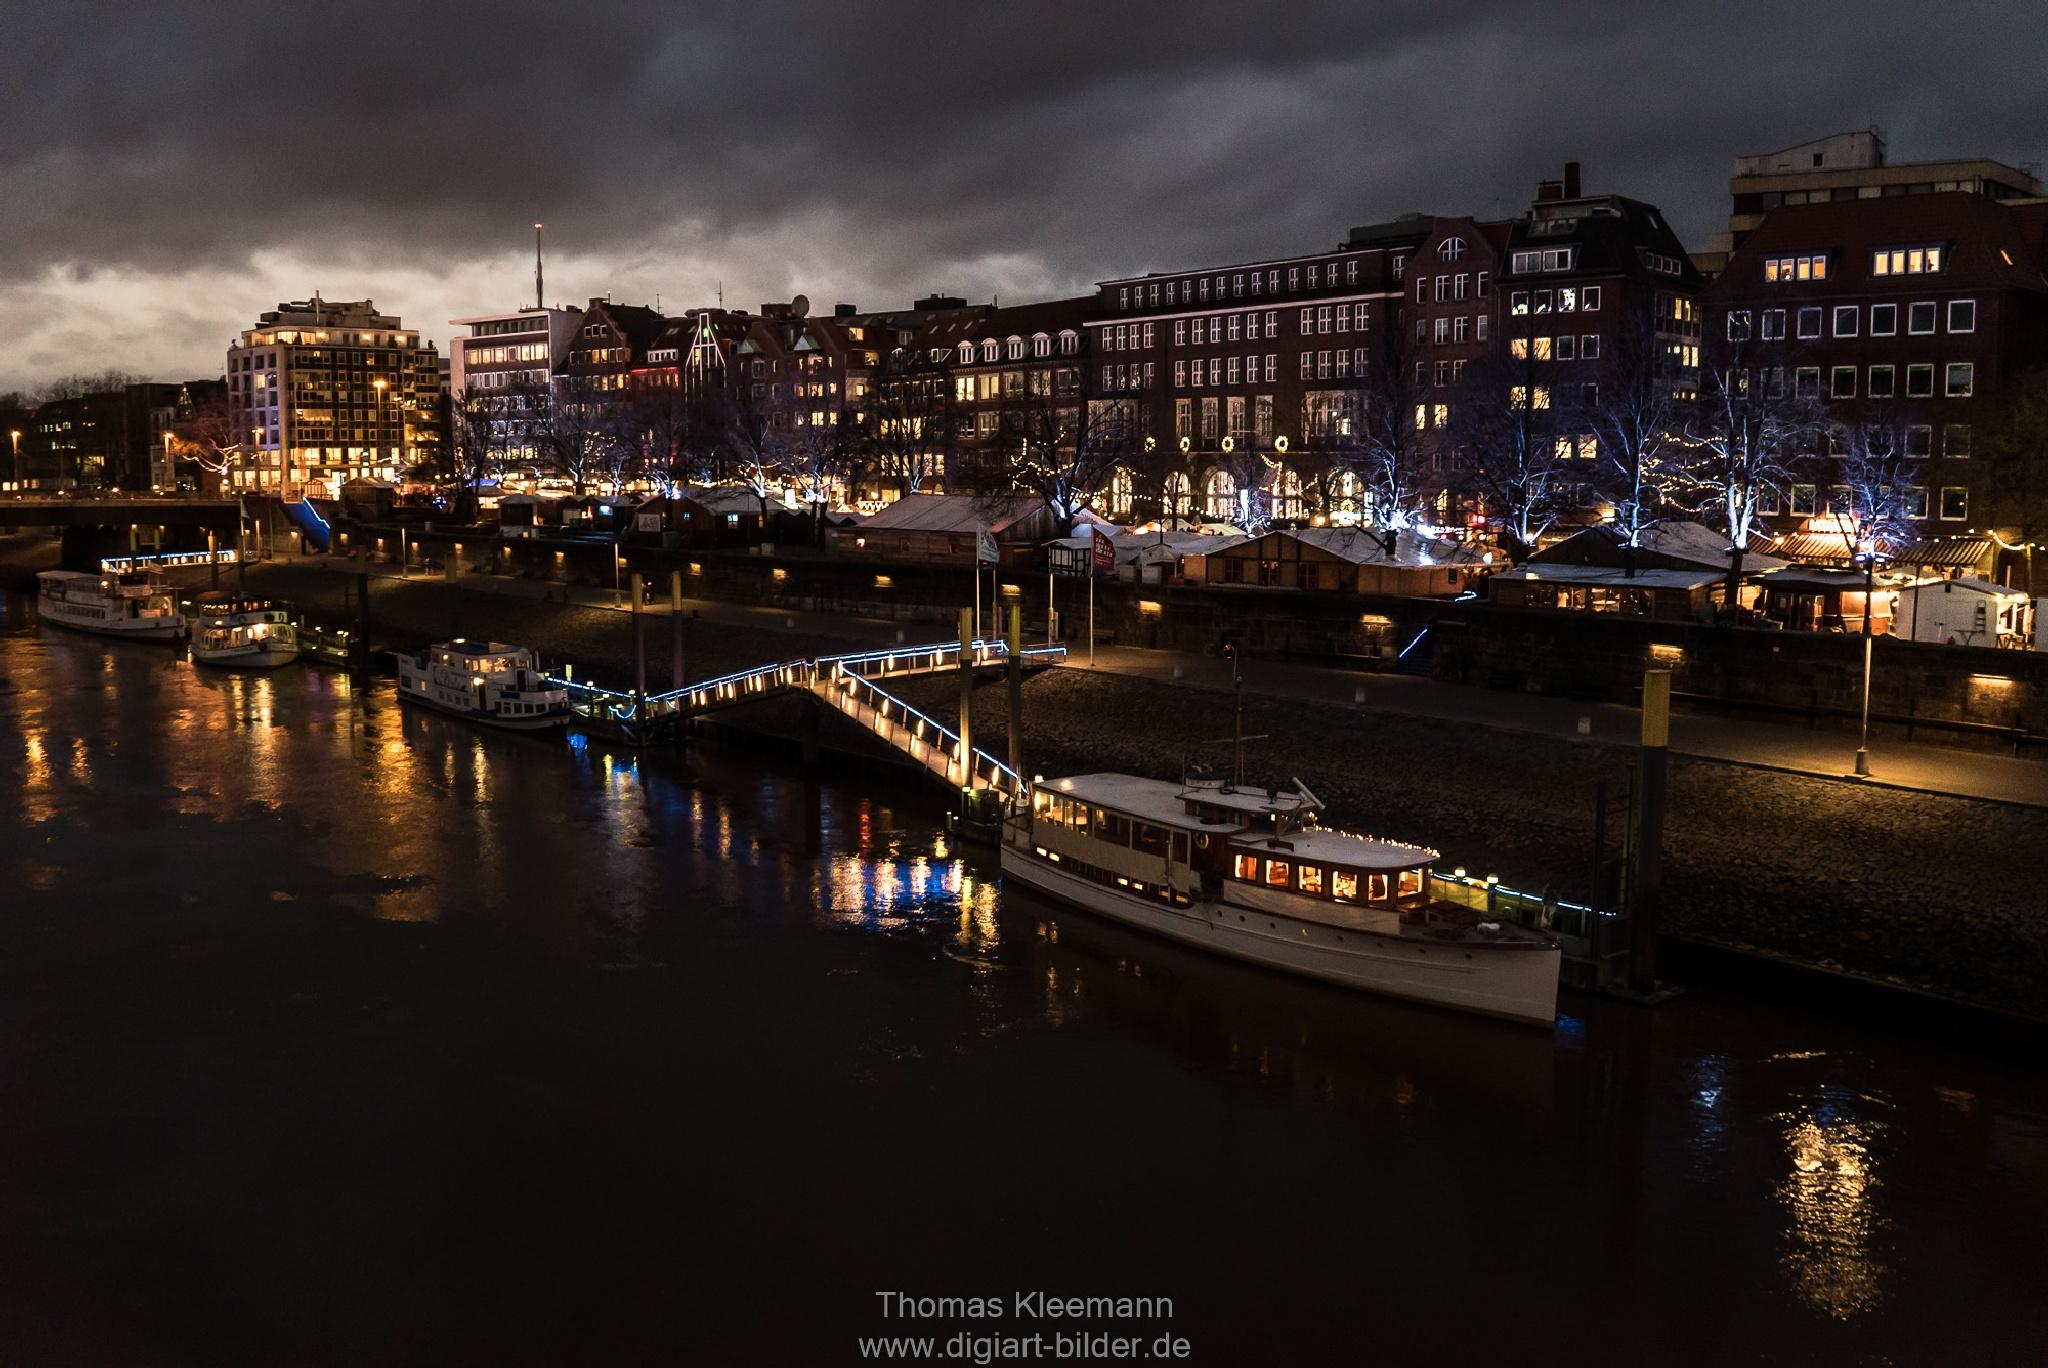 Evening in Bremen 2 by thomaskleemann1960